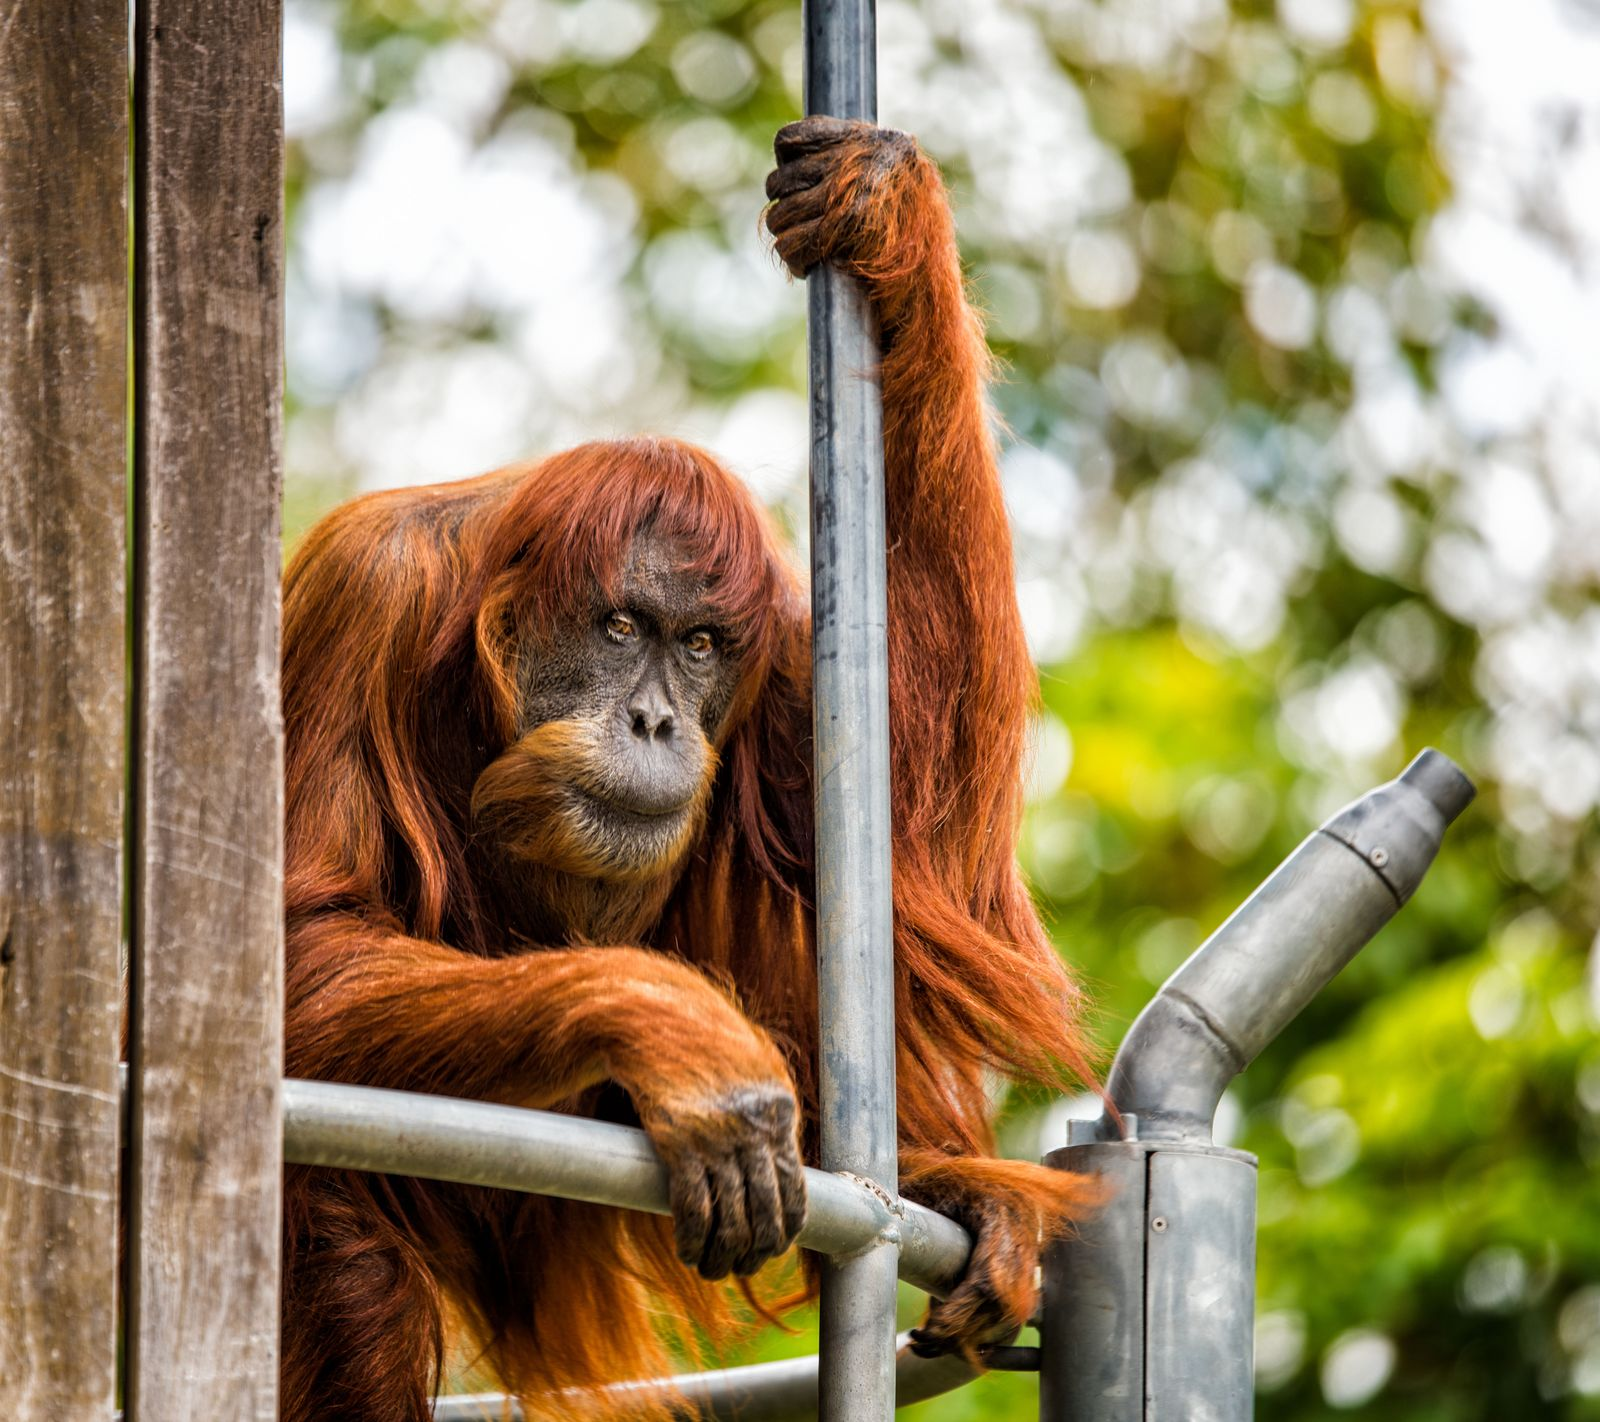 Puan / Zoo Perth